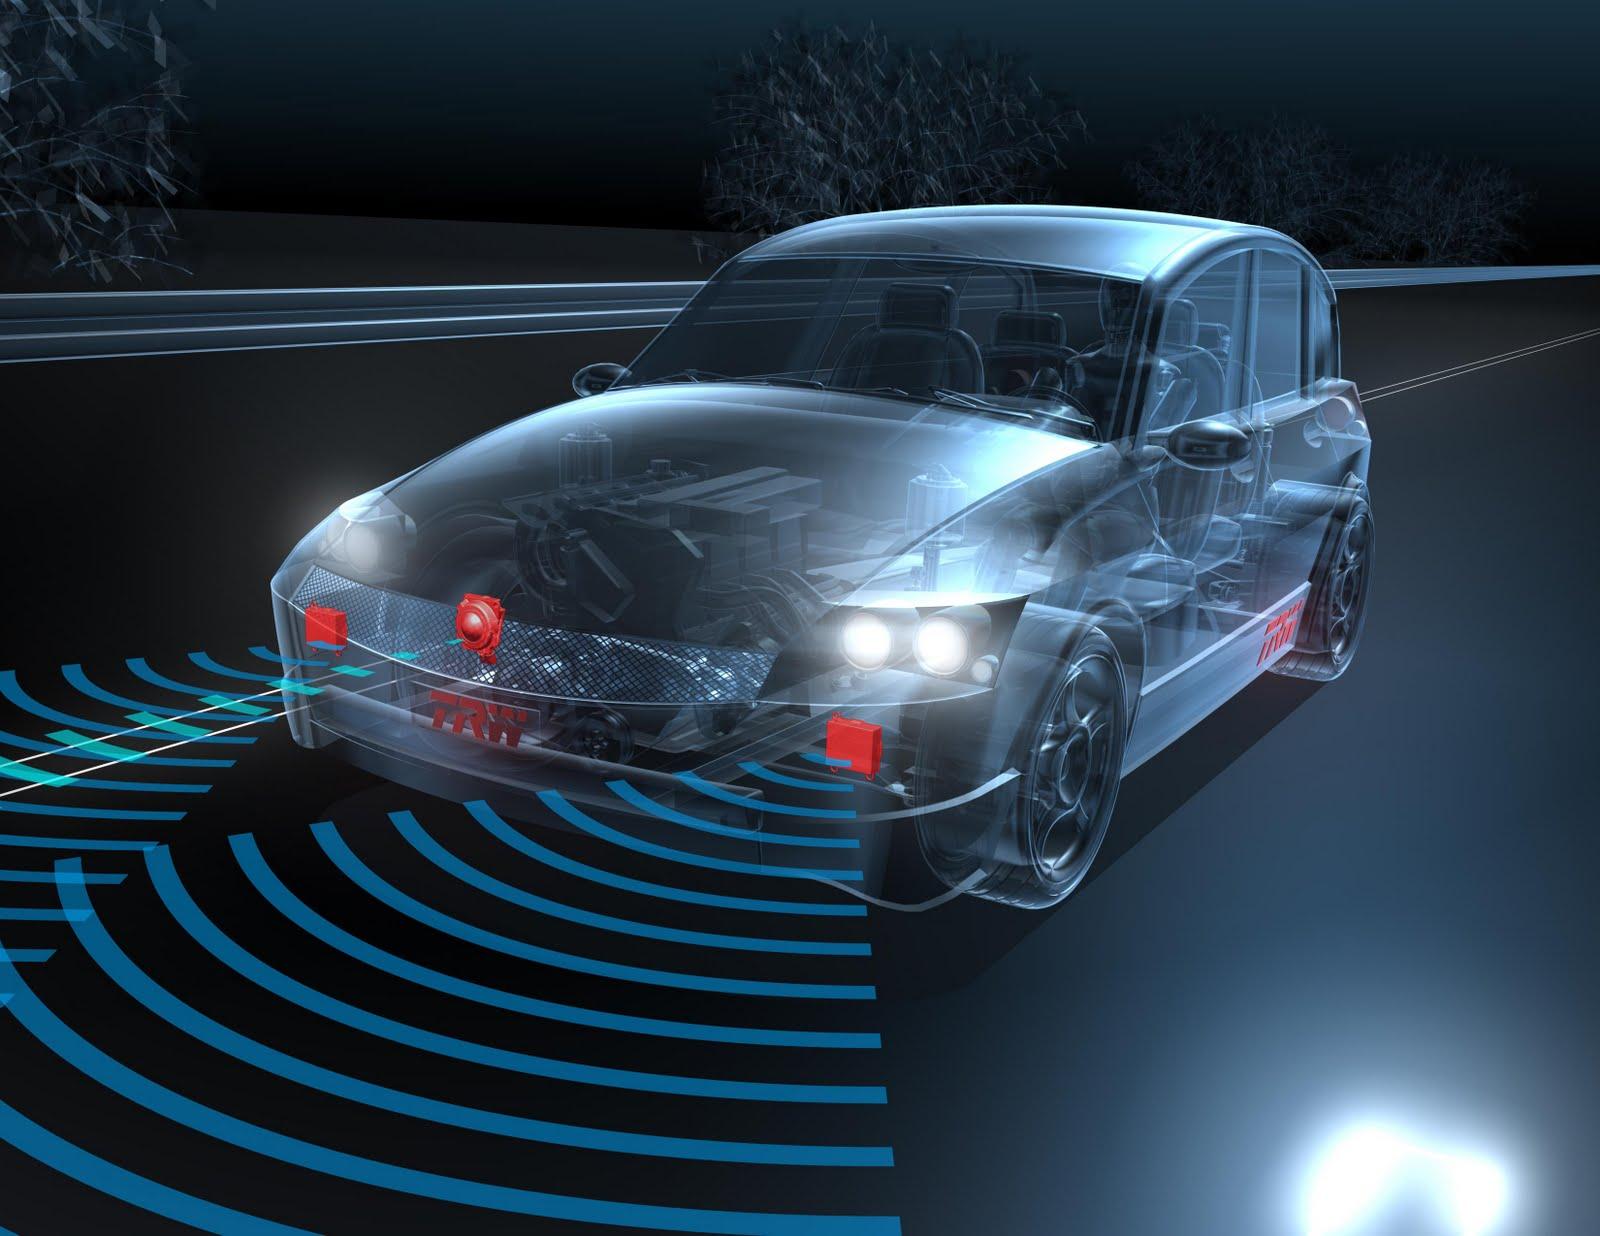 voiture du futur trw rend l 39 assistance la conduite plus abordable. Black Bedroom Furniture Sets. Home Design Ideas